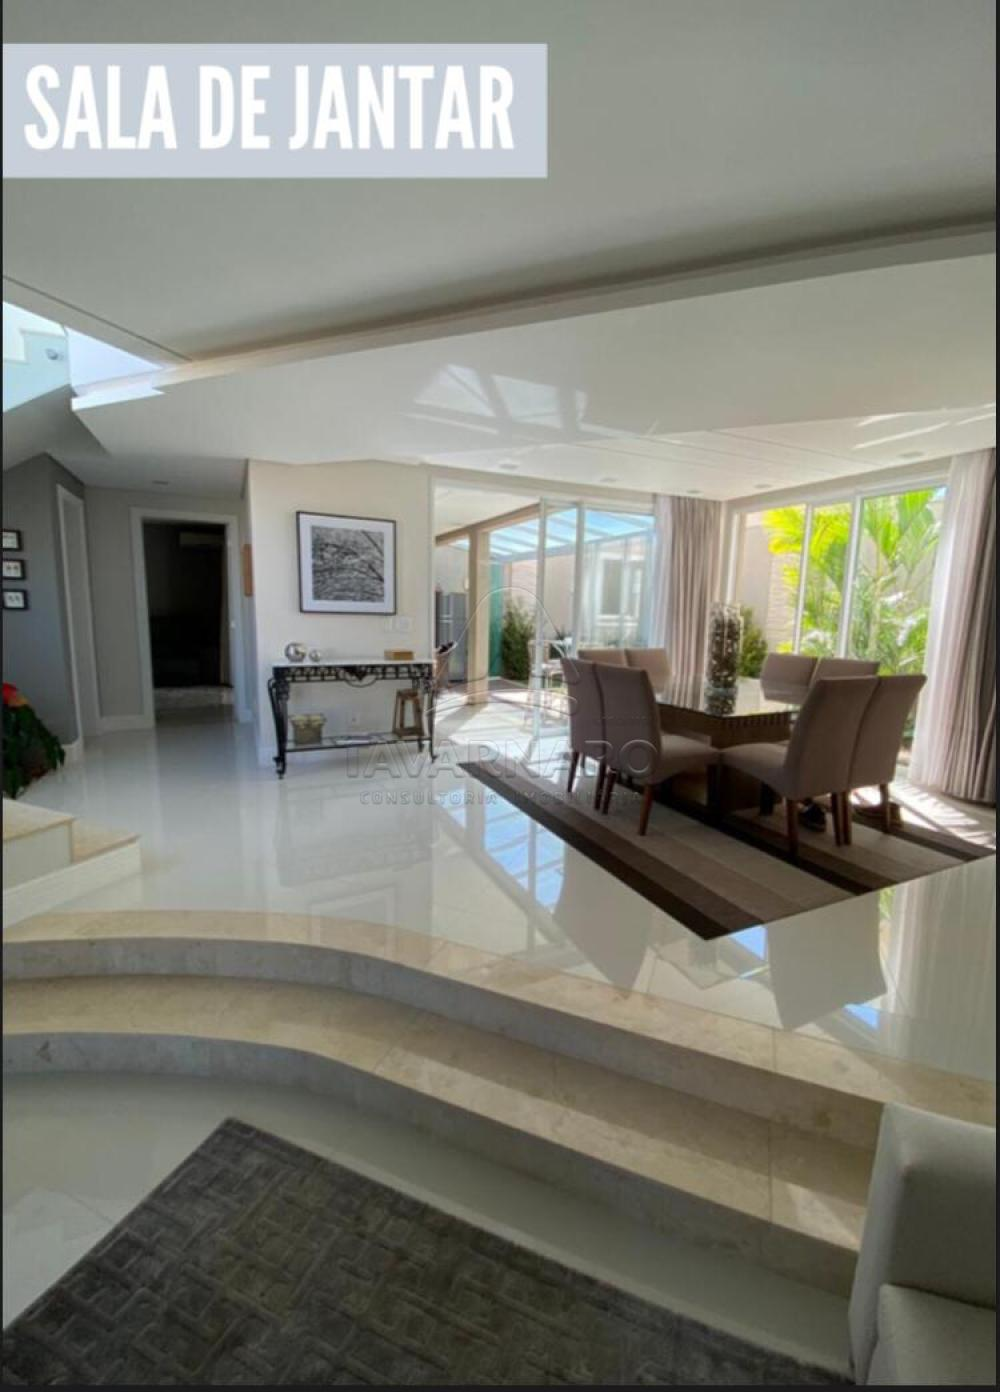 Comprar Casa / Condomínio em Ponta Grossa apenas R$ 1.590.000,00 - Foto 4